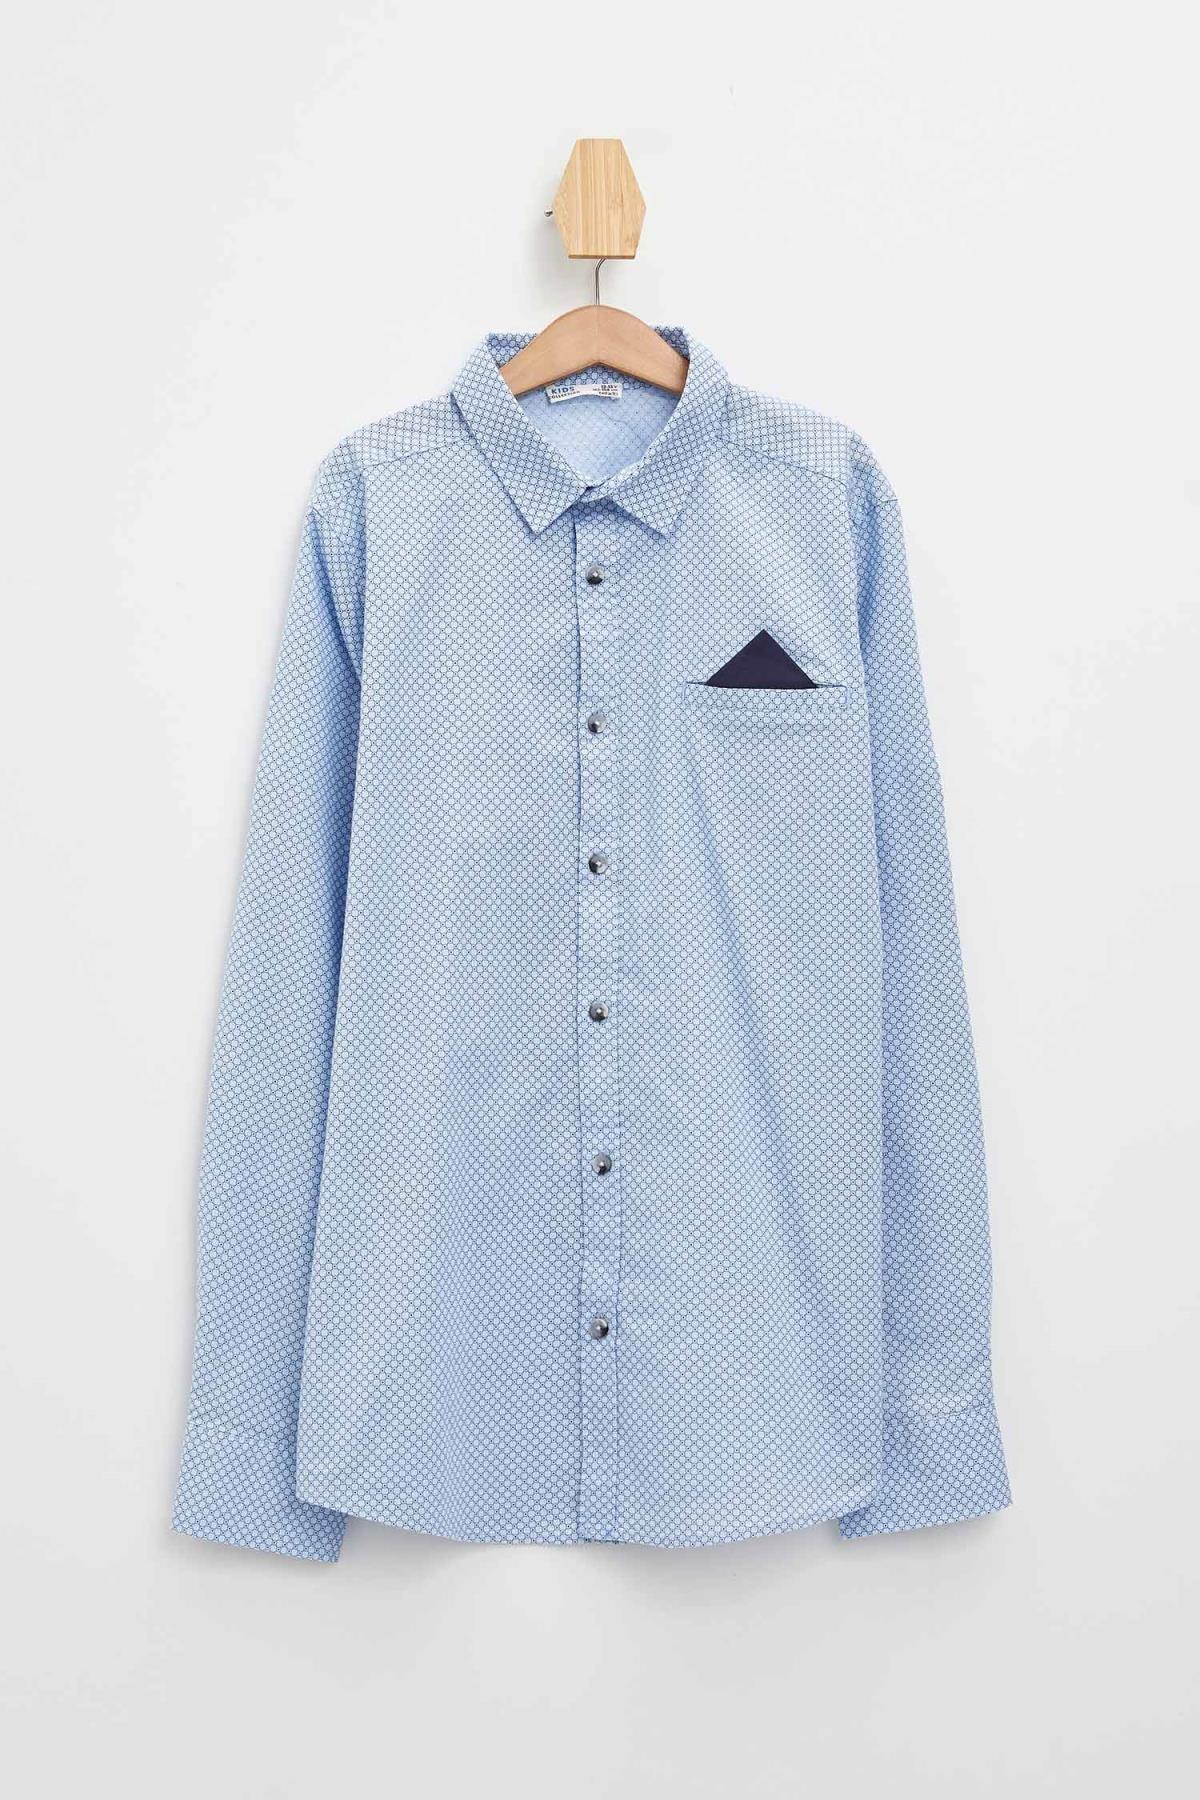 Defacto Erkek Çocuk Baskılı Pamuklu Mendilli Kolları Katlanabilir Gömlek 4